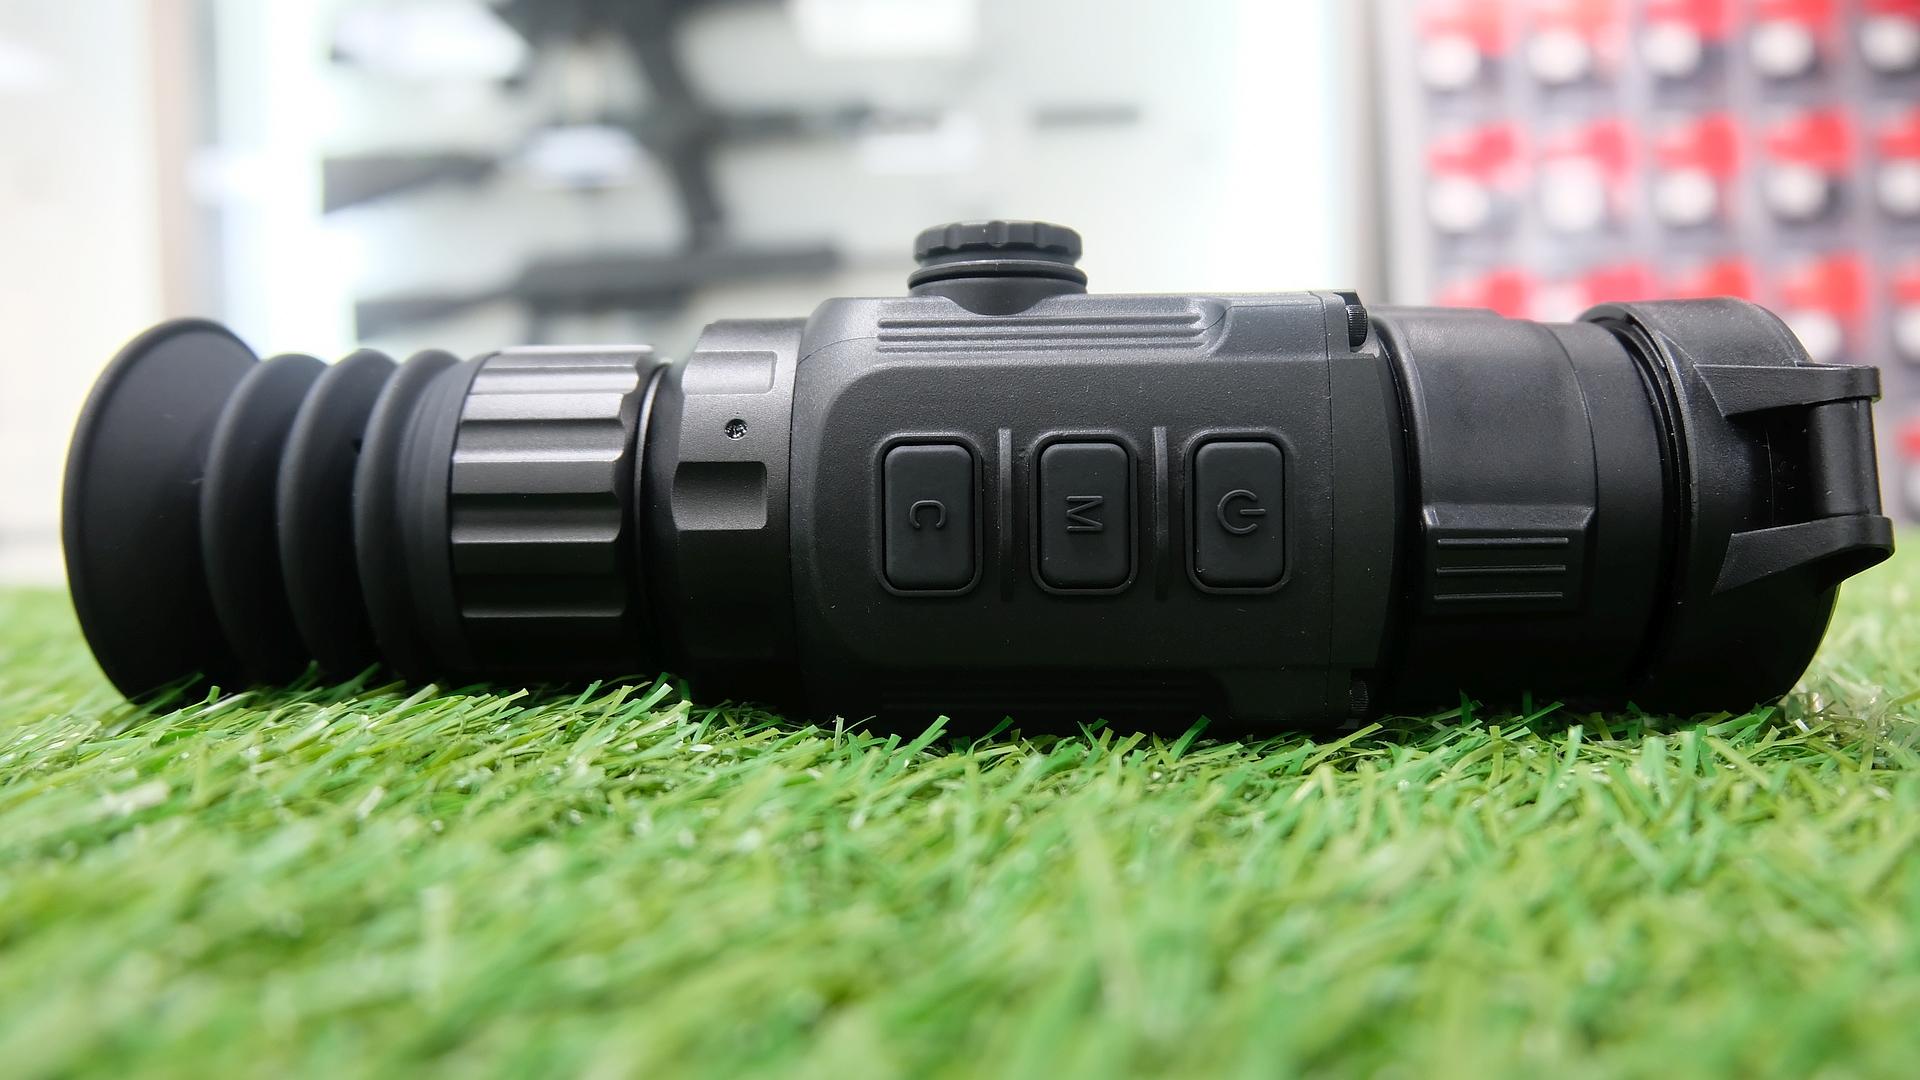 фотография тепловизионного охотничьего прицела iRay Aper TS35